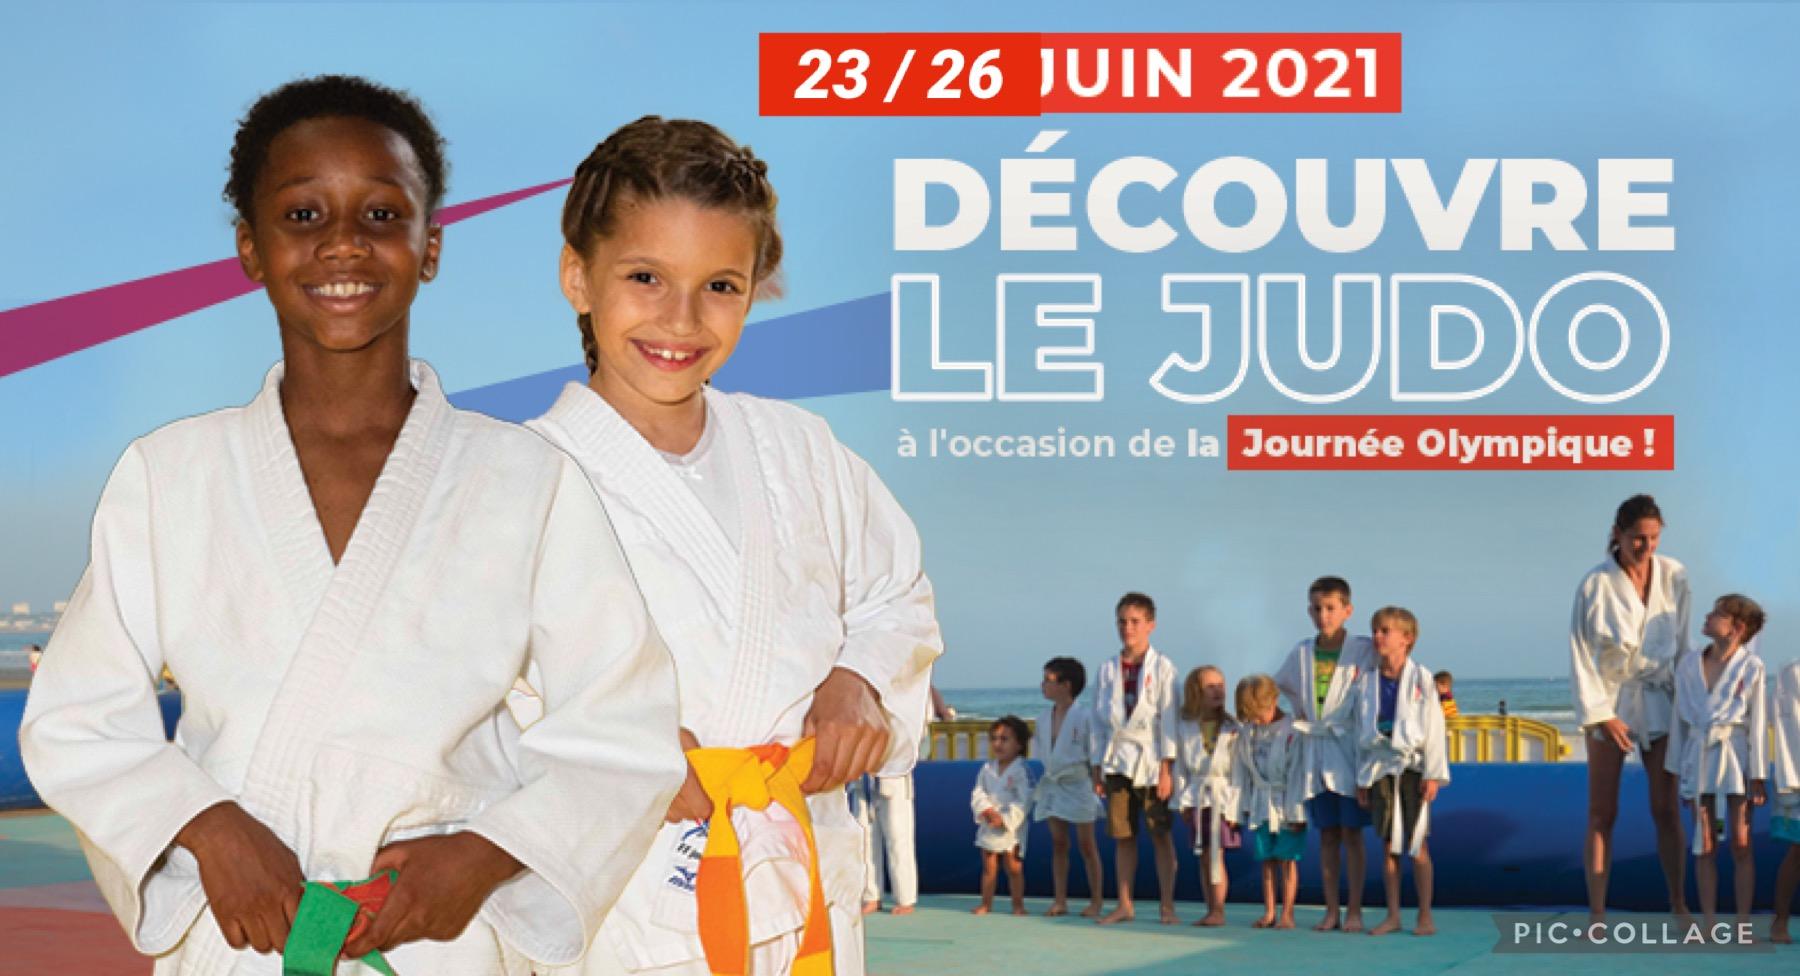 Journées Olympiques 23 et 26 juin 2021